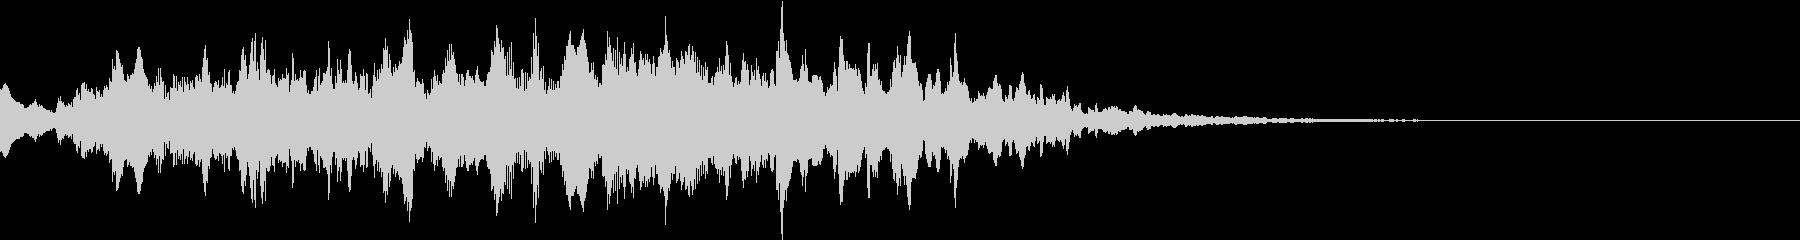 サウンドロゴ・起動時の効果音(不思議)の未再生の波形